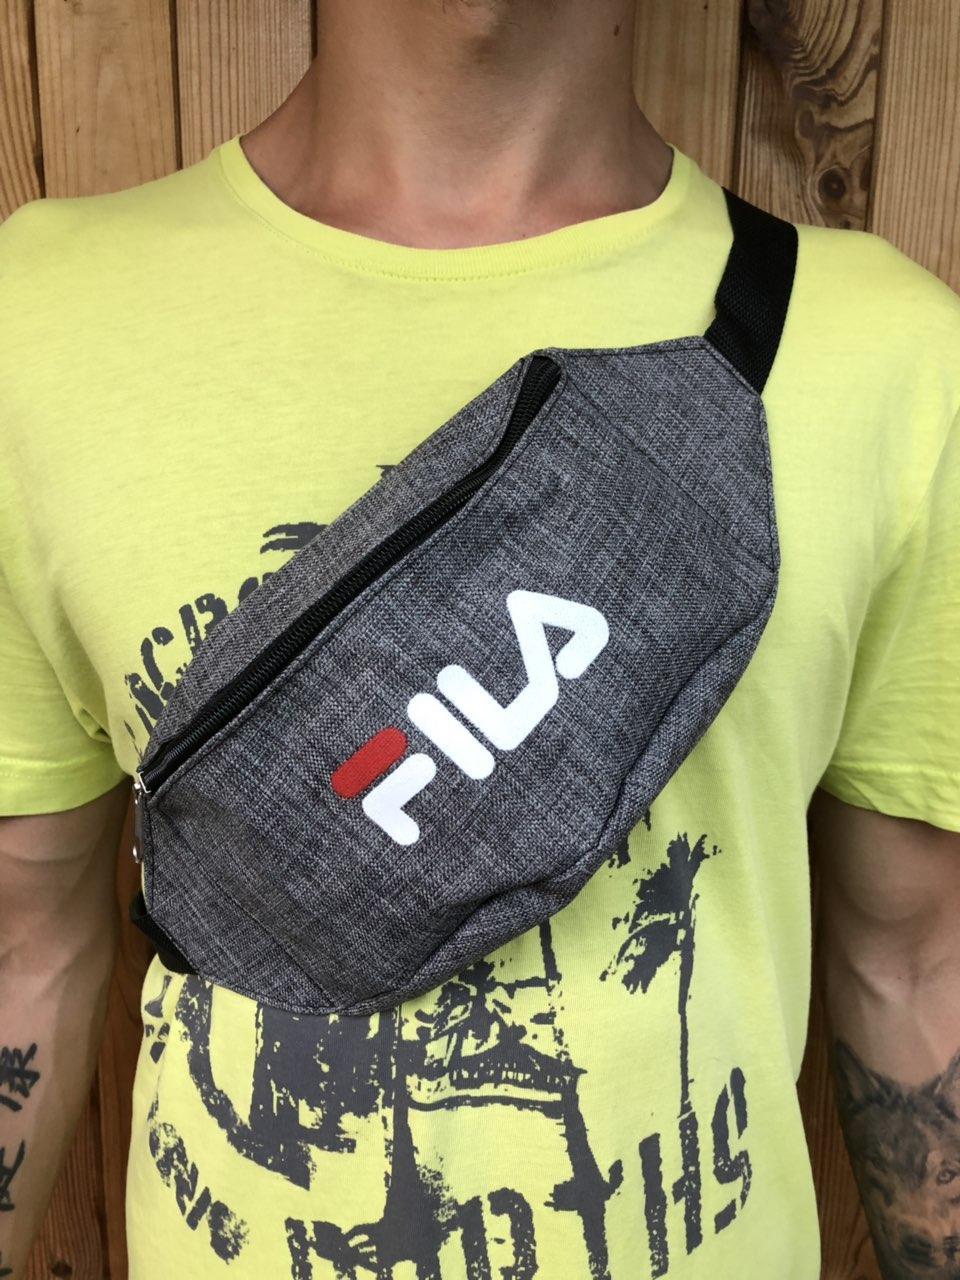 Поясная сумка серая в стиле Fila, 2 отделения (Бананка), из мессенджер pvc, банан, трендовая сумка, фила